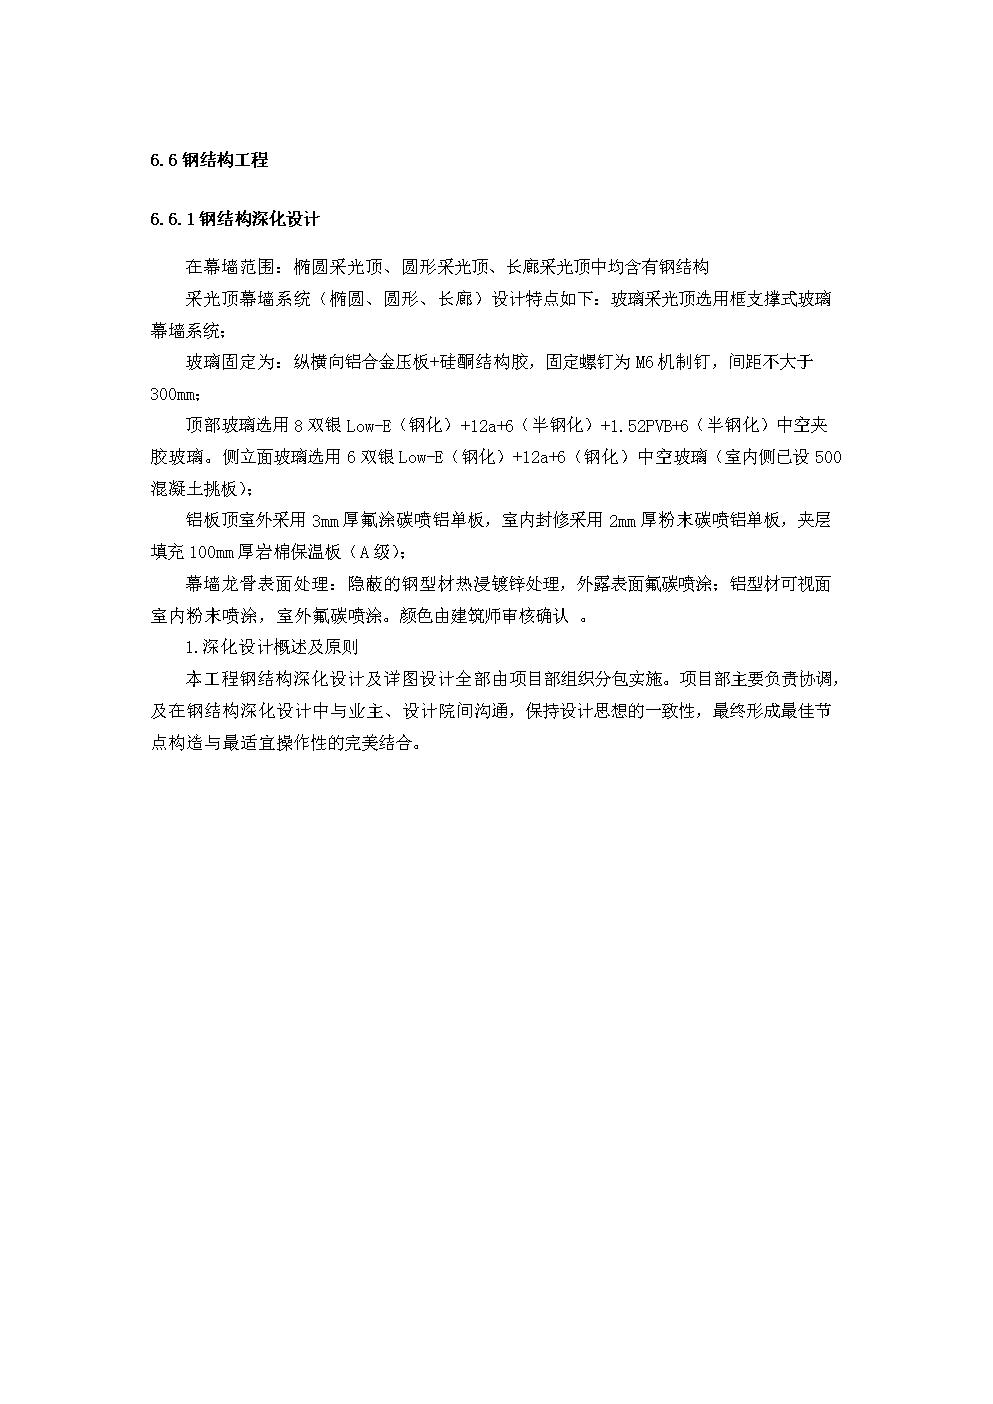 商业综合体-钢结构工程.doc